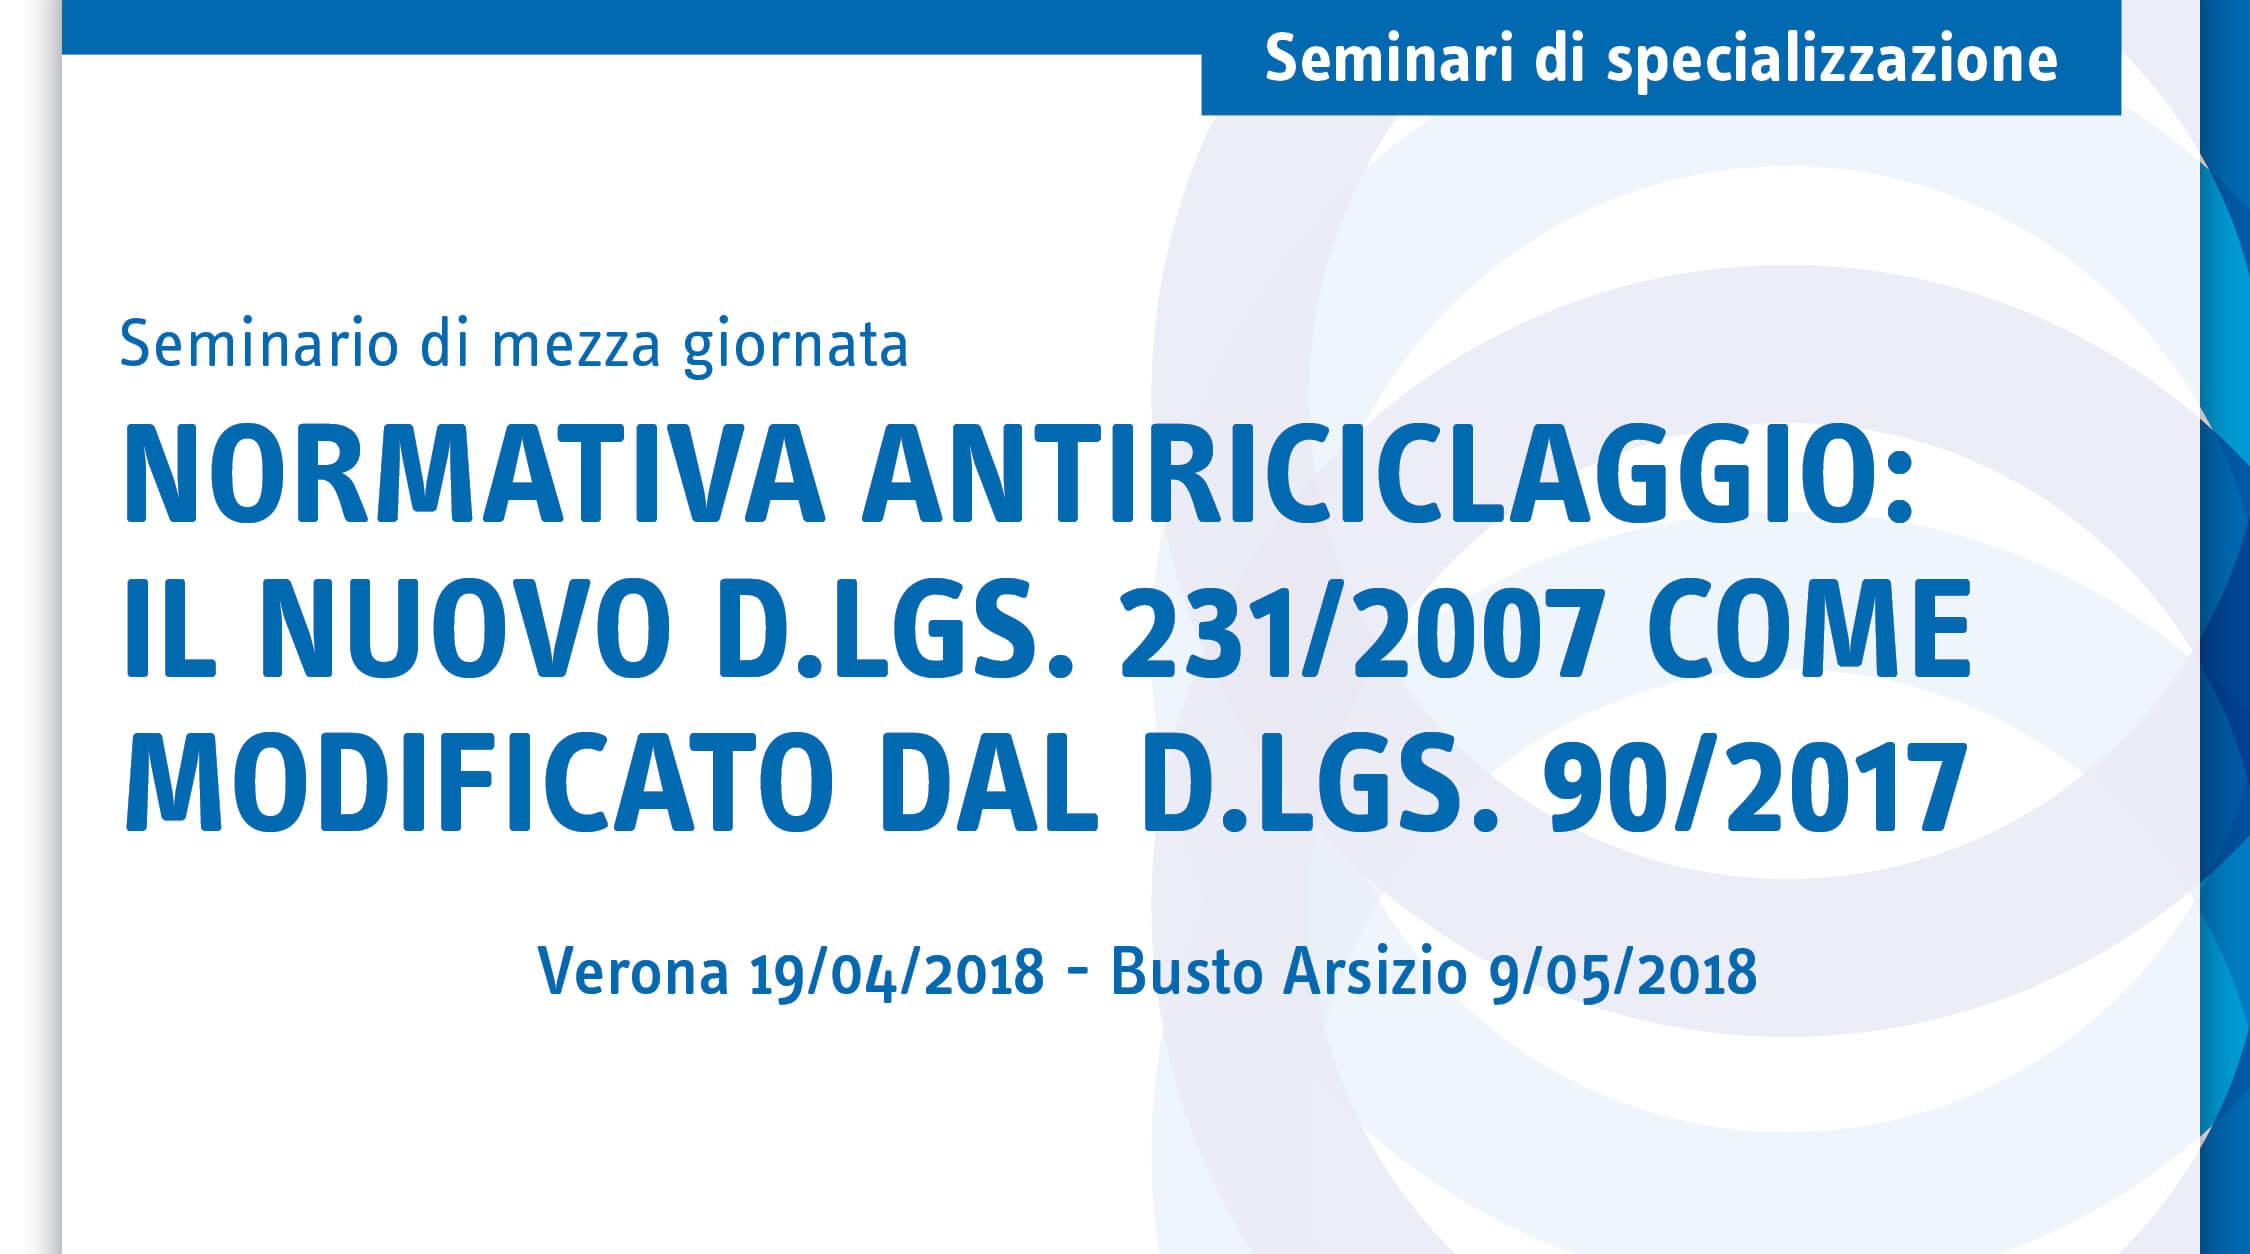 Normativa antiriciclaggio: il nuovo D.Lgs. 231/2007 come modificato dal D.Lgs. 90/2017